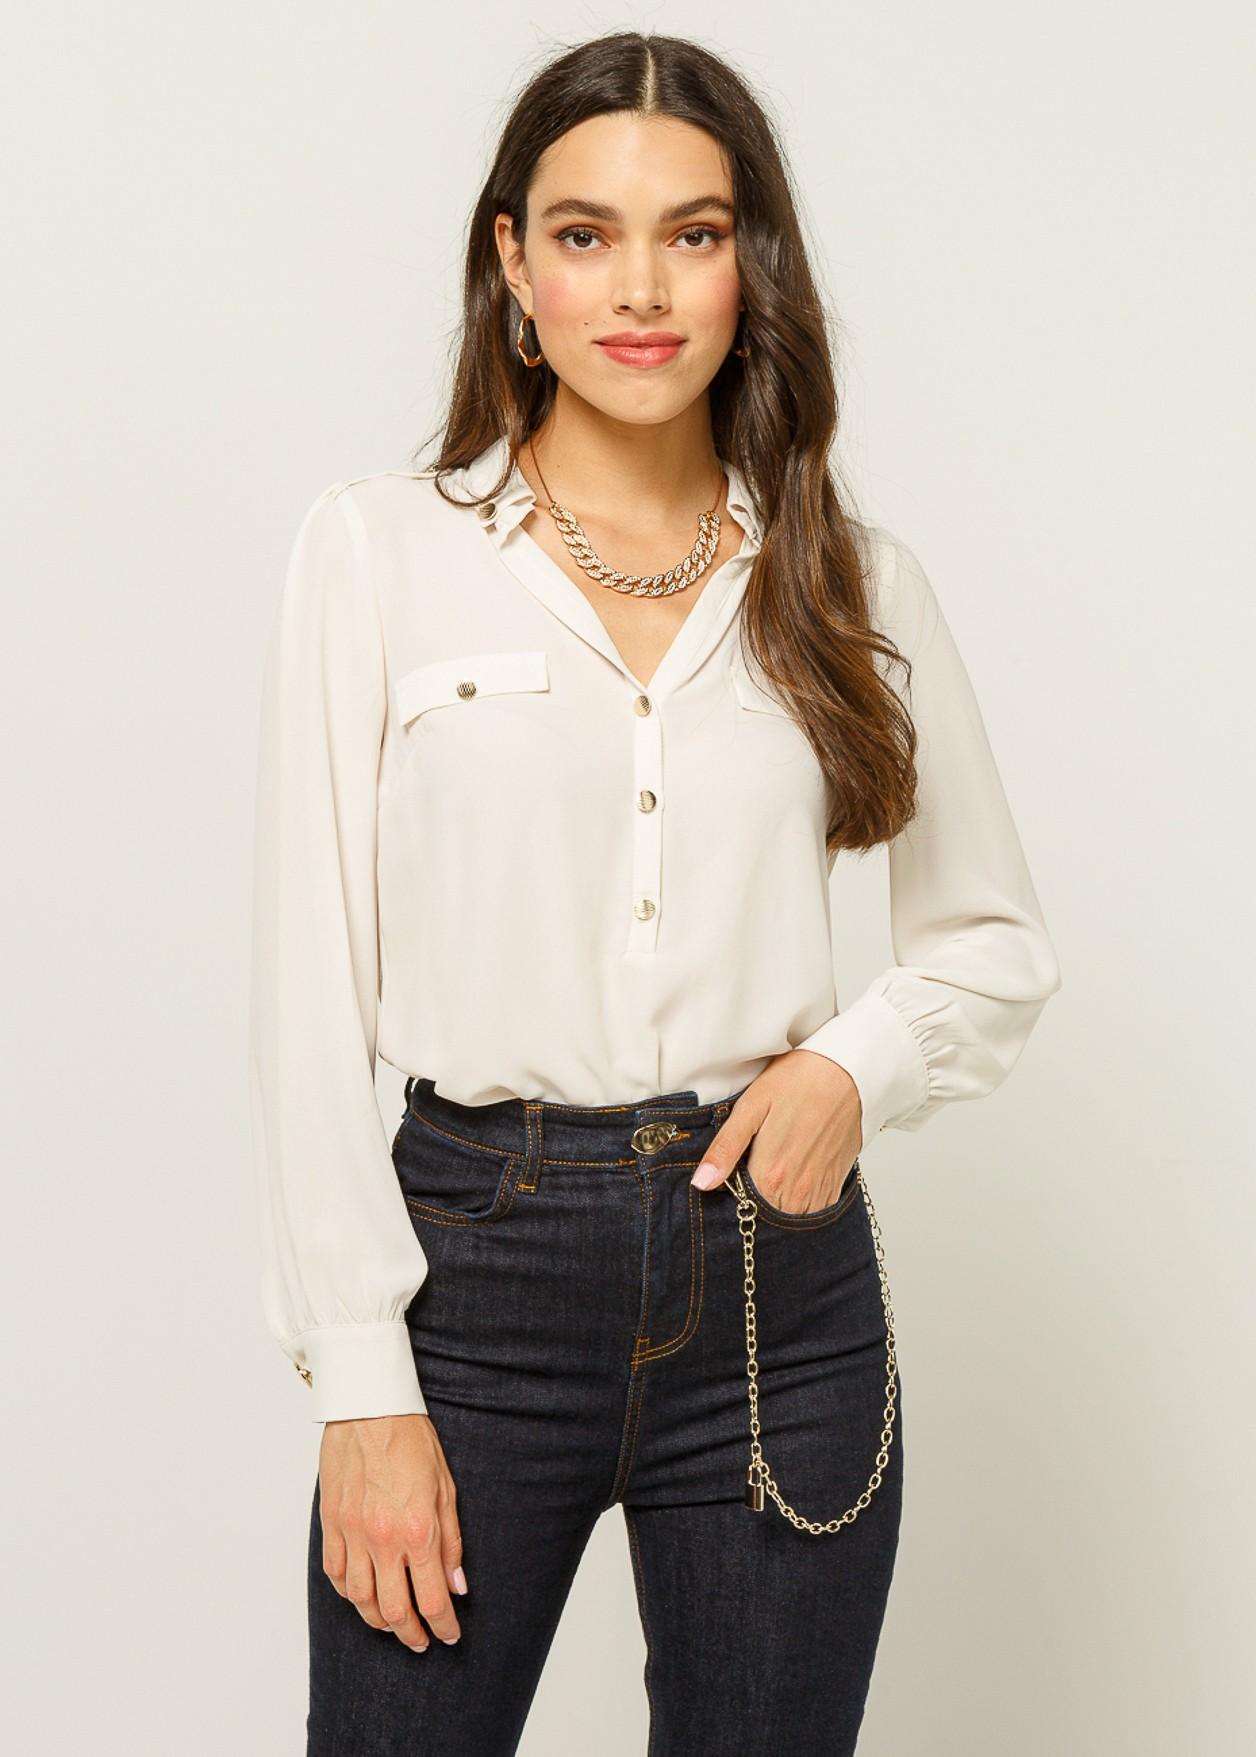 Μπλούζα με γιακά